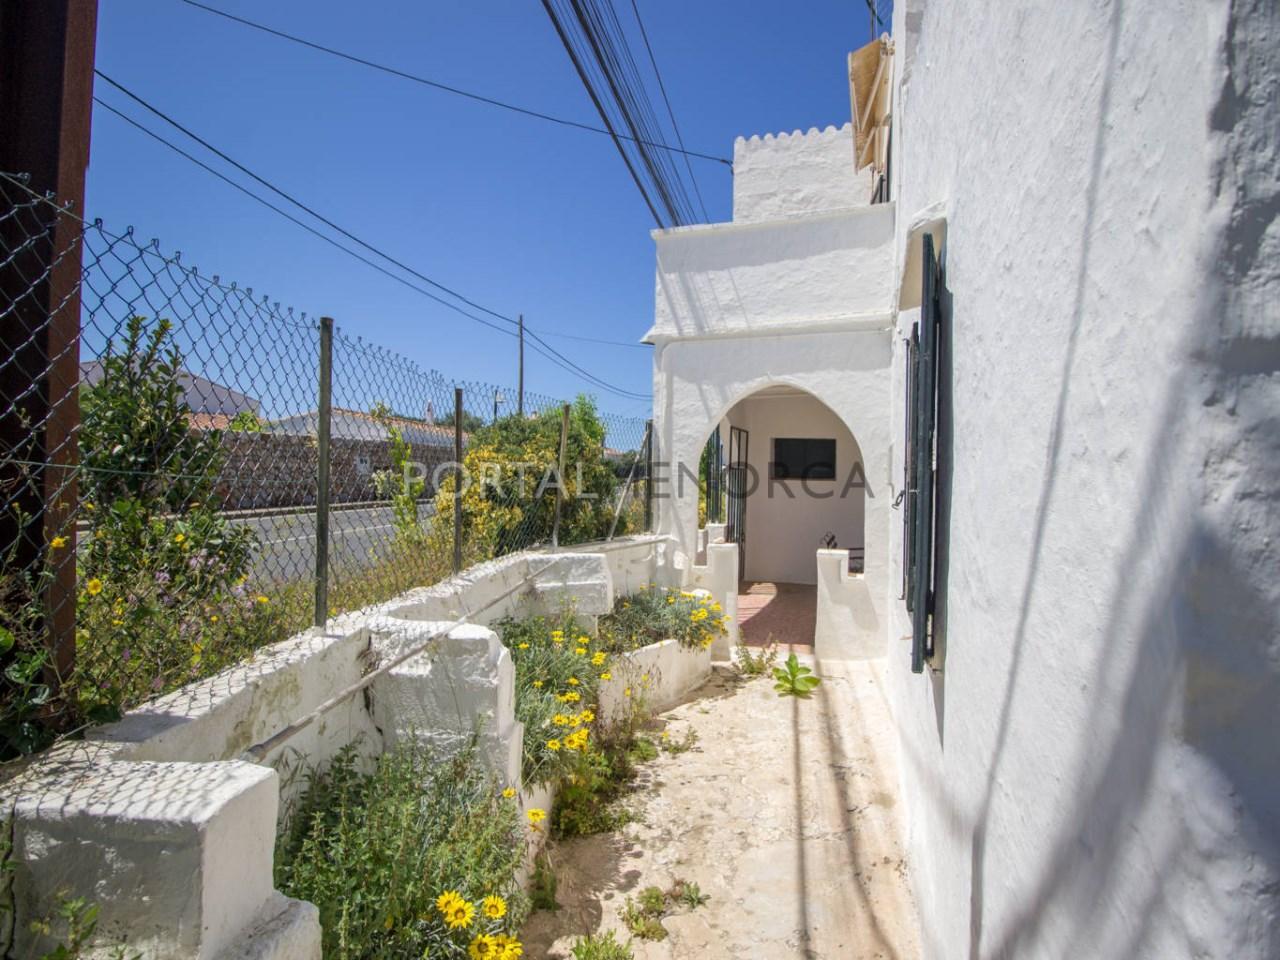 Re_ 1 casa en caserío s'uestra - fachada y jardín (3)